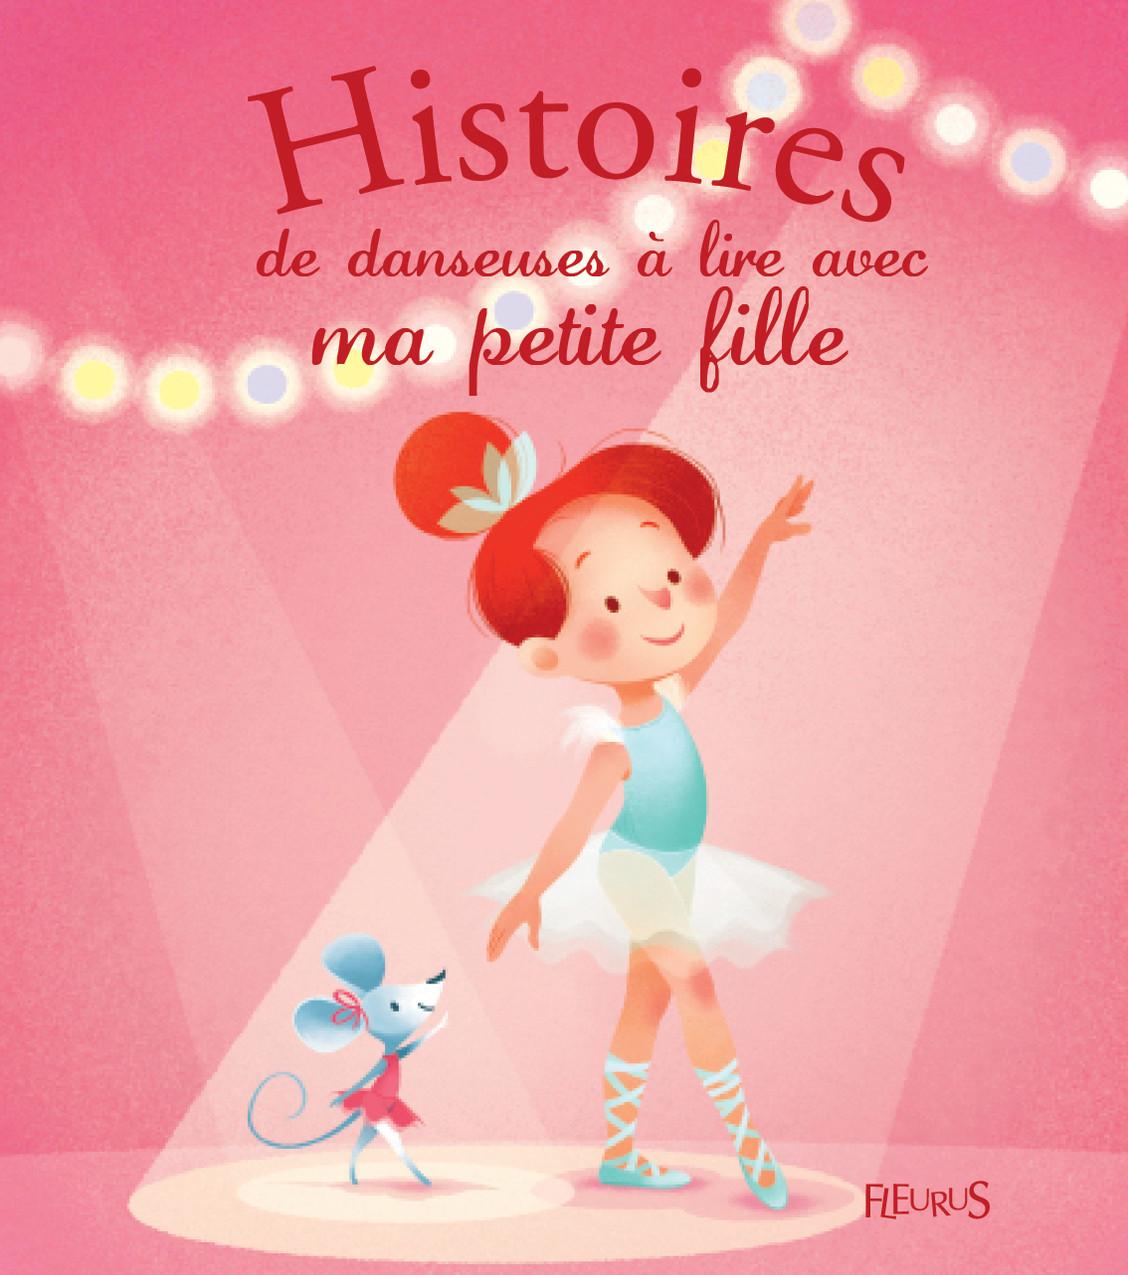 histoires-danseuses-ya-lire-avec-ma-petite-fille